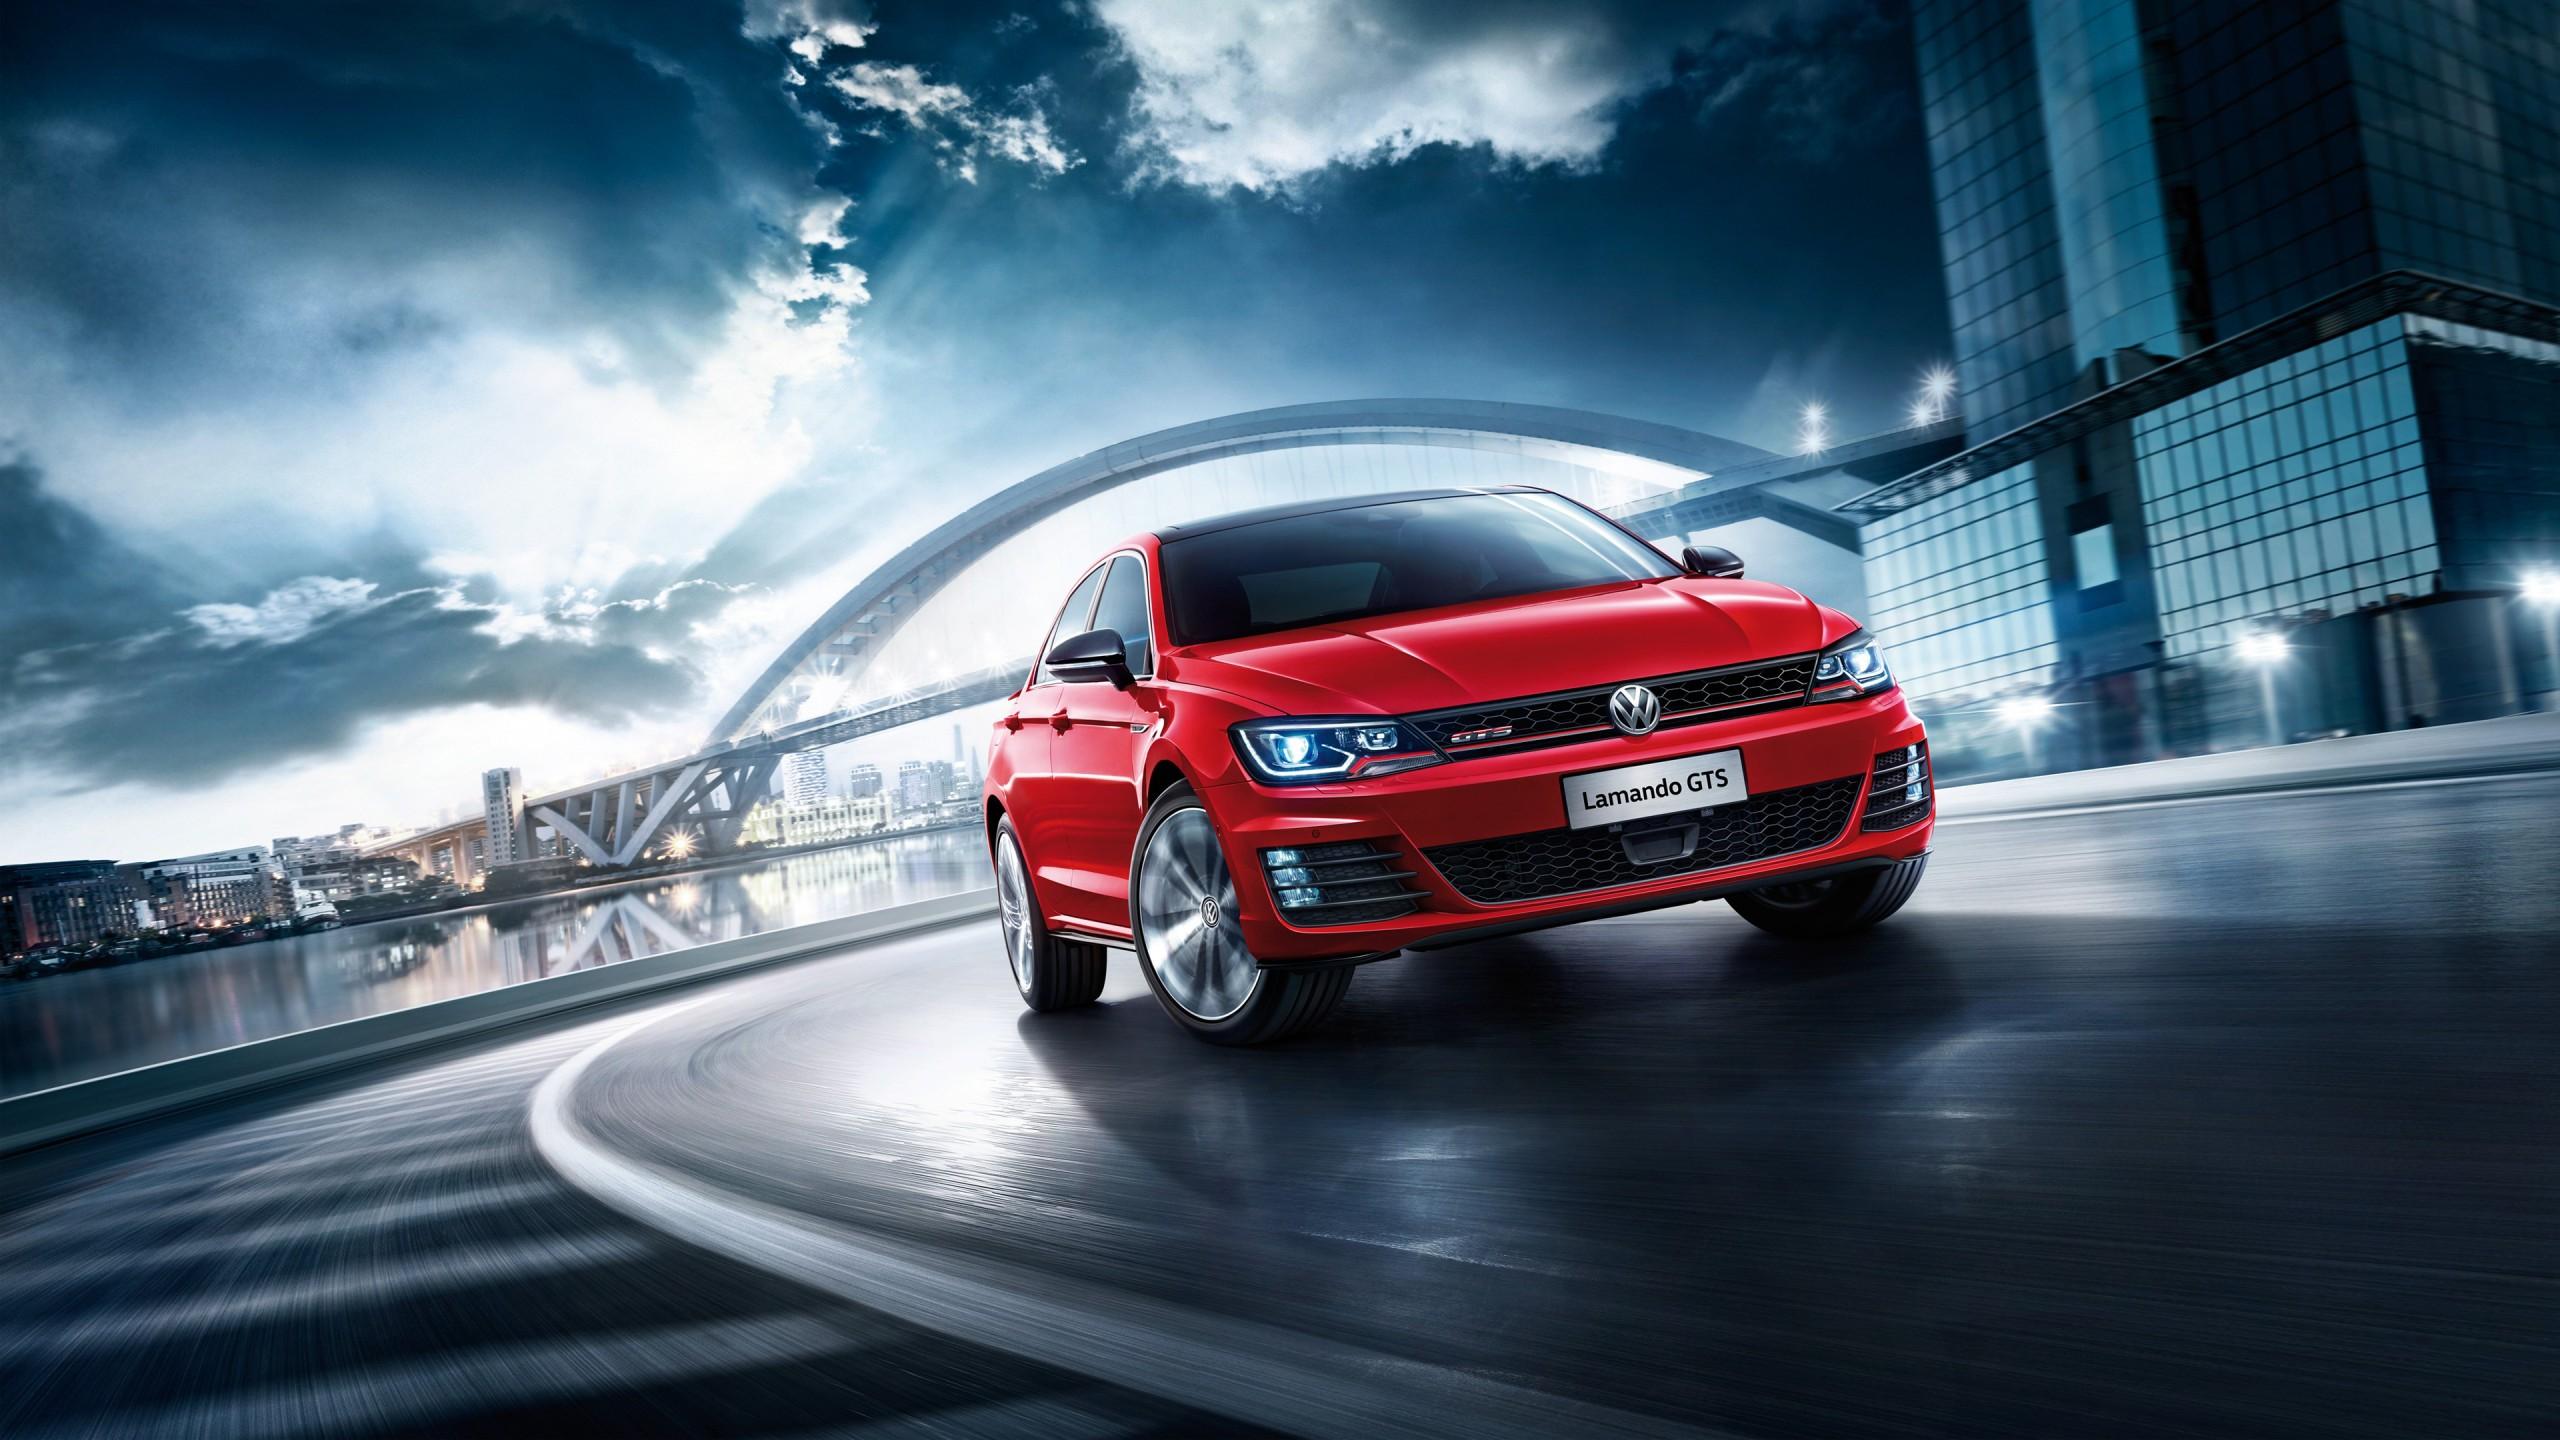 Background Car Hd Wallpapers Cities: 2017 Volkswagen Lamando GTS Wallpaper